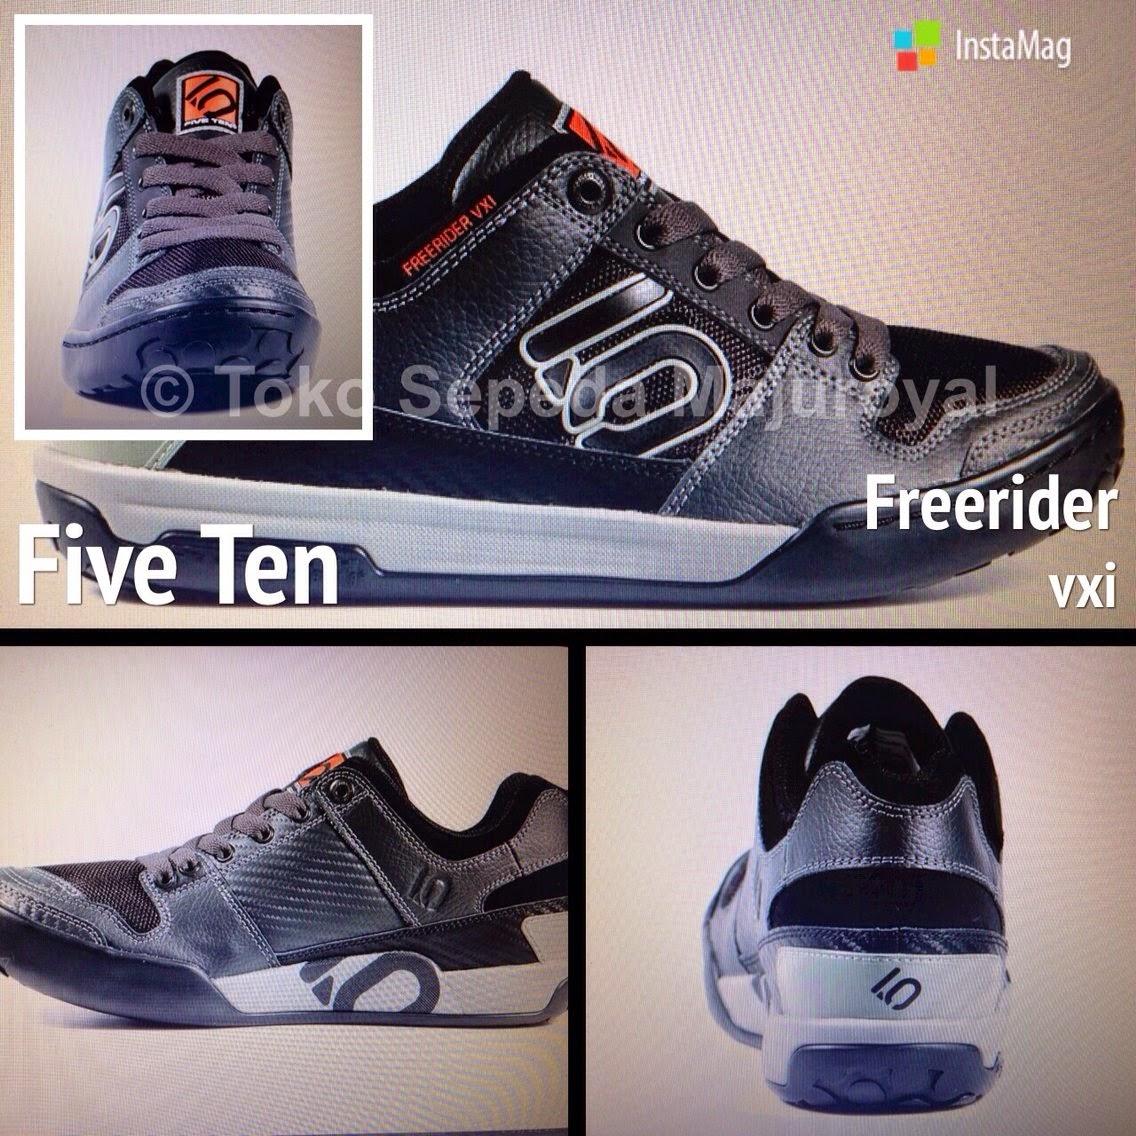 Five Ten Freerider vxi